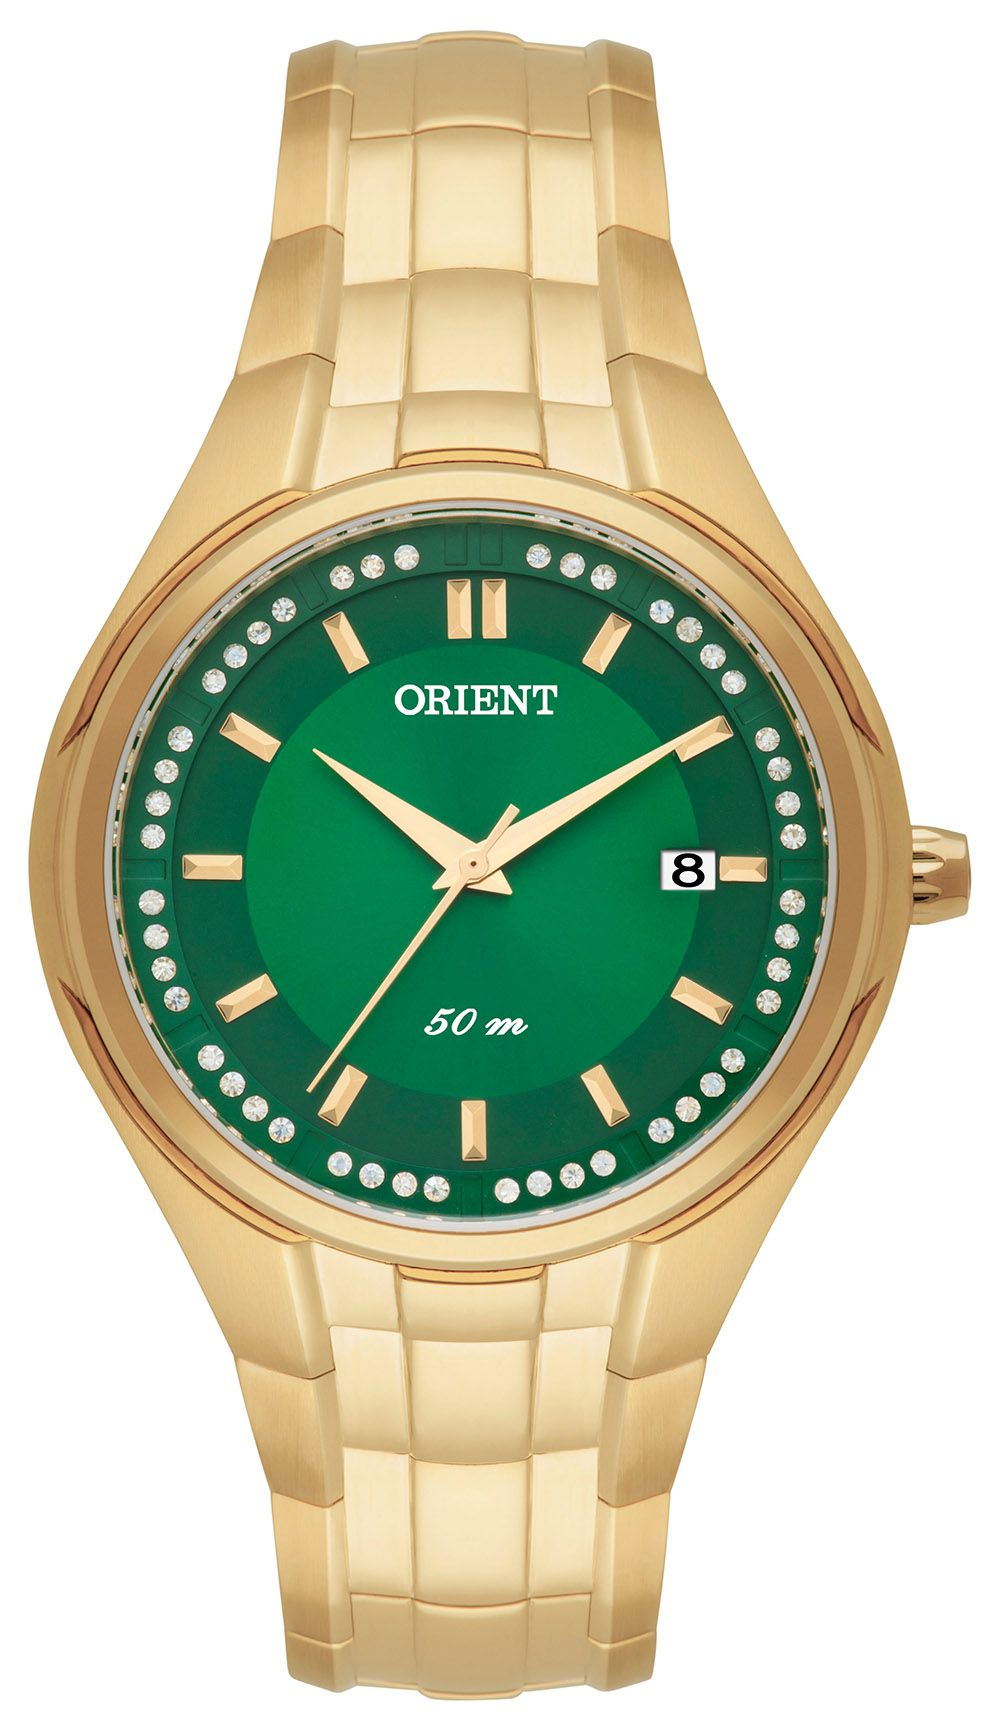 Relógio Orient Feminino FGSS1108-E1KX Dourado